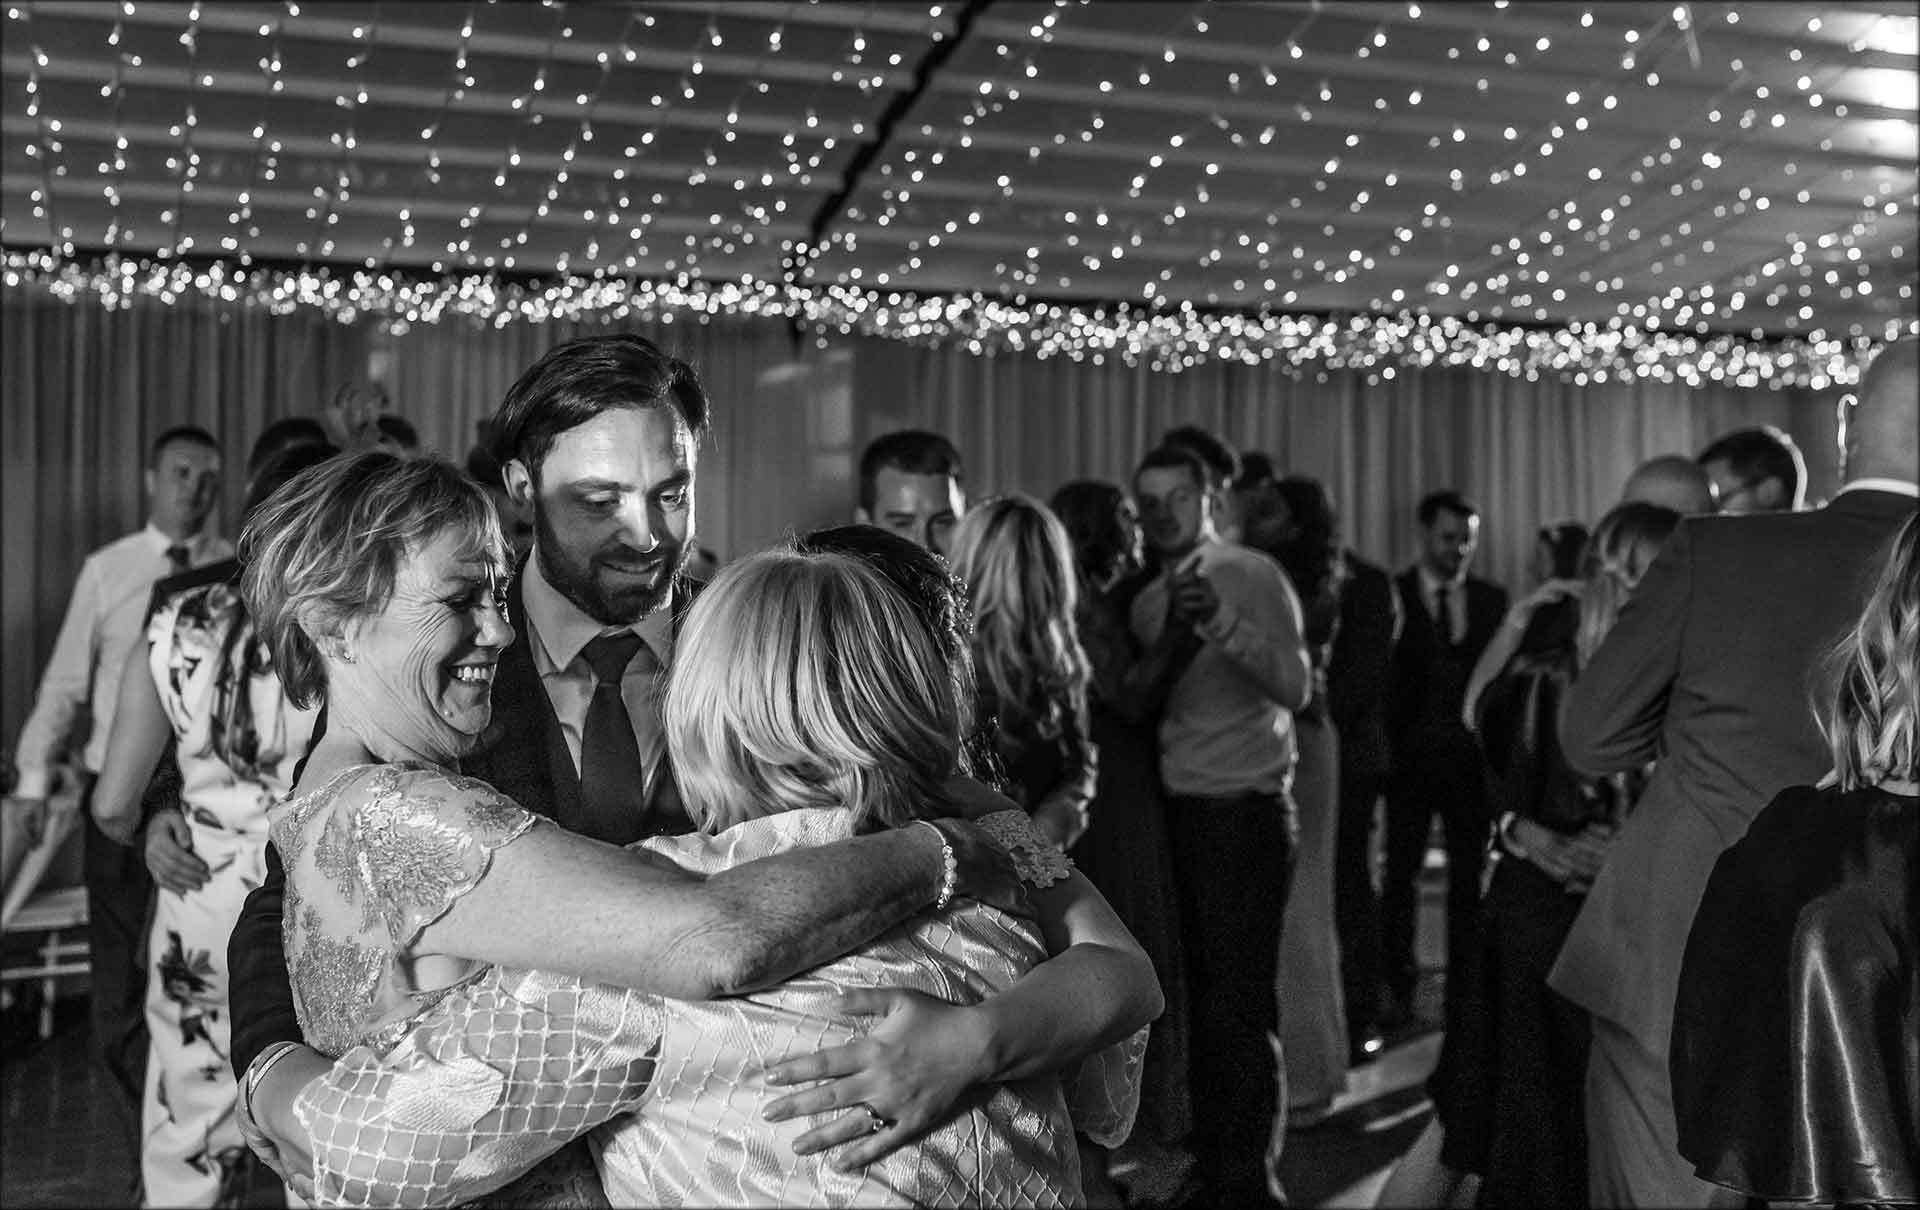 Family hug on the dancefloor